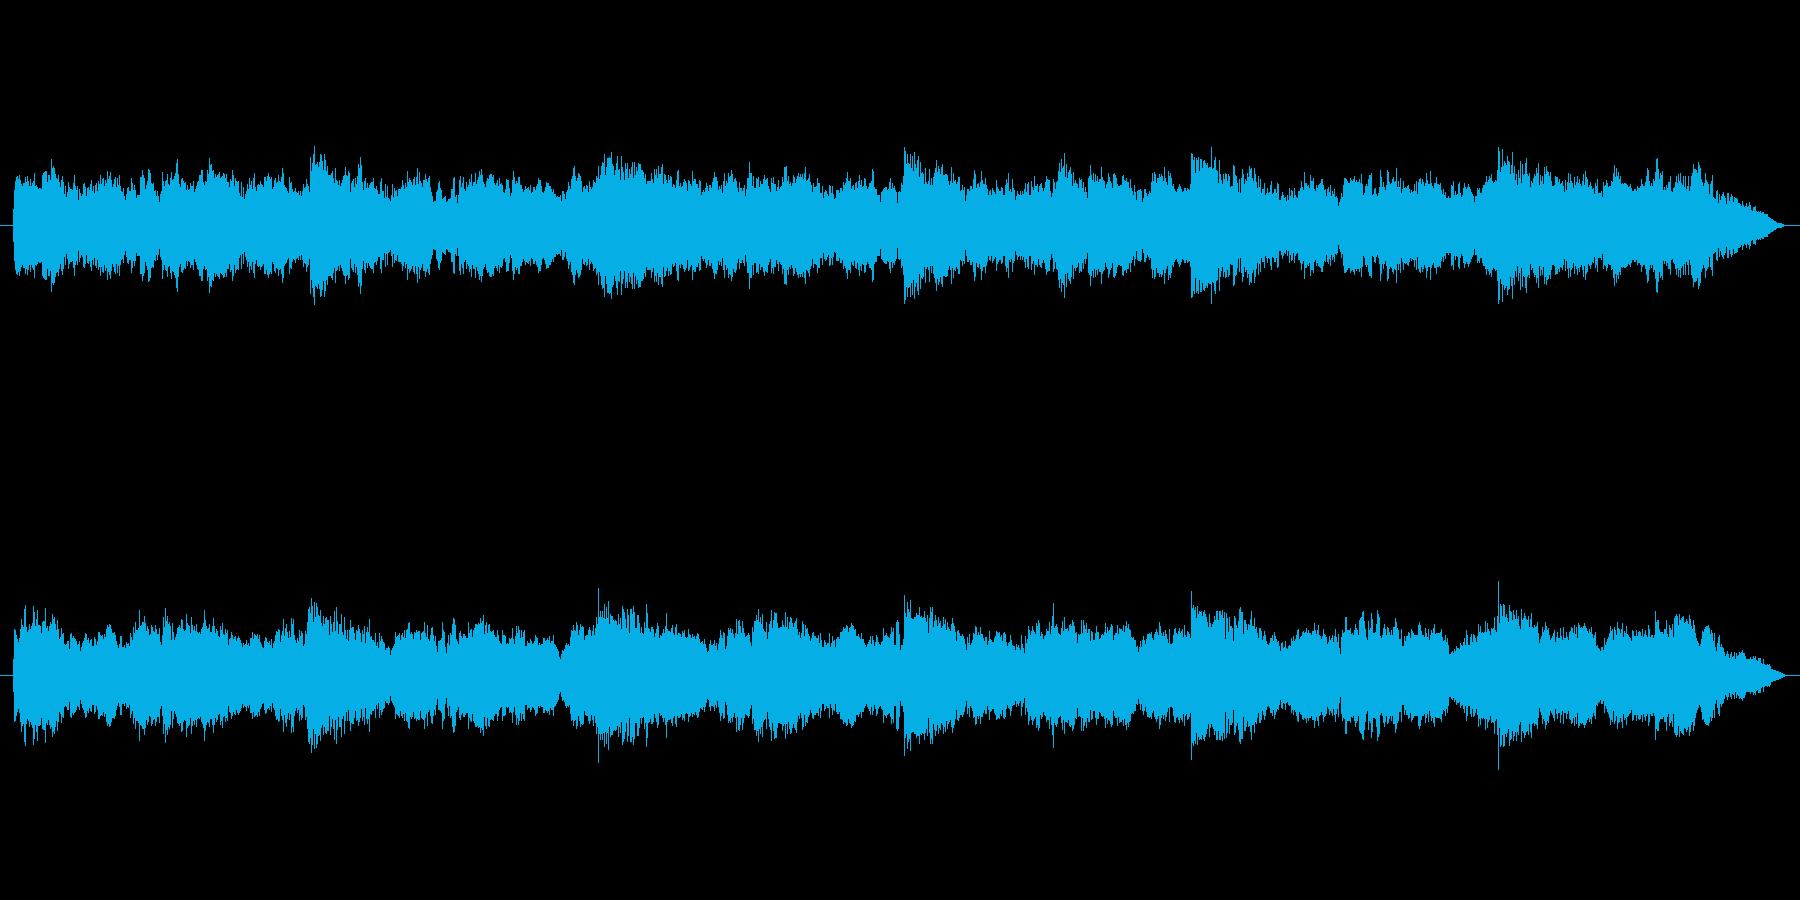 【怪談の先に】不気味ナ雰囲気ノ音の再生済みの波形